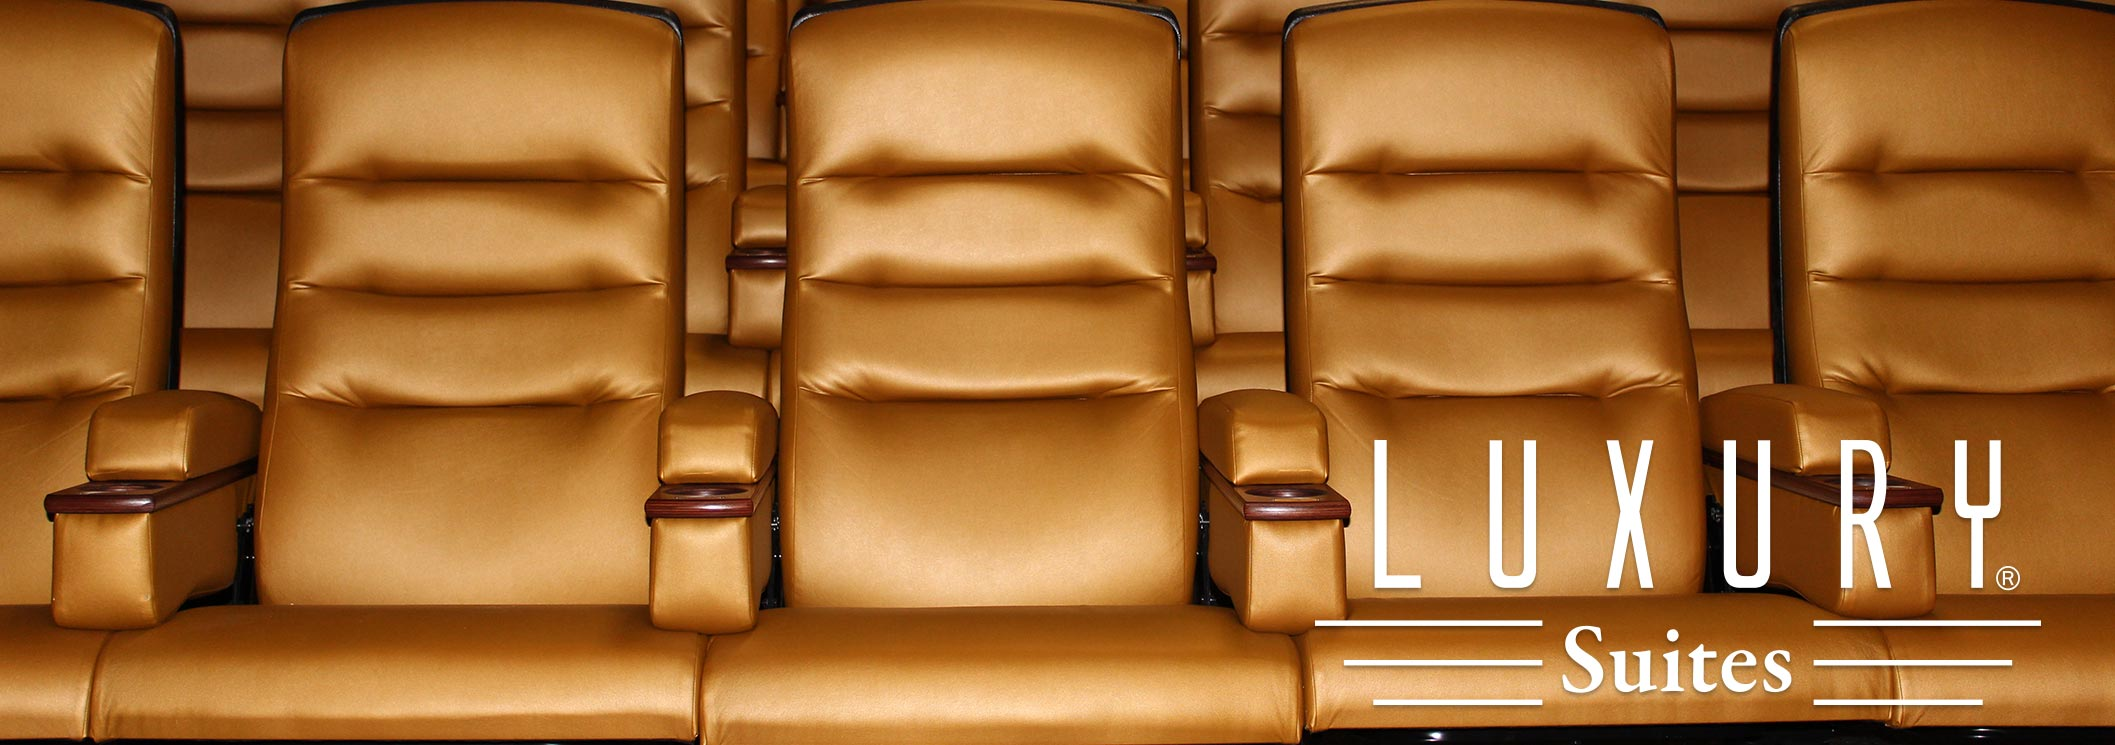 Luxury® Suites